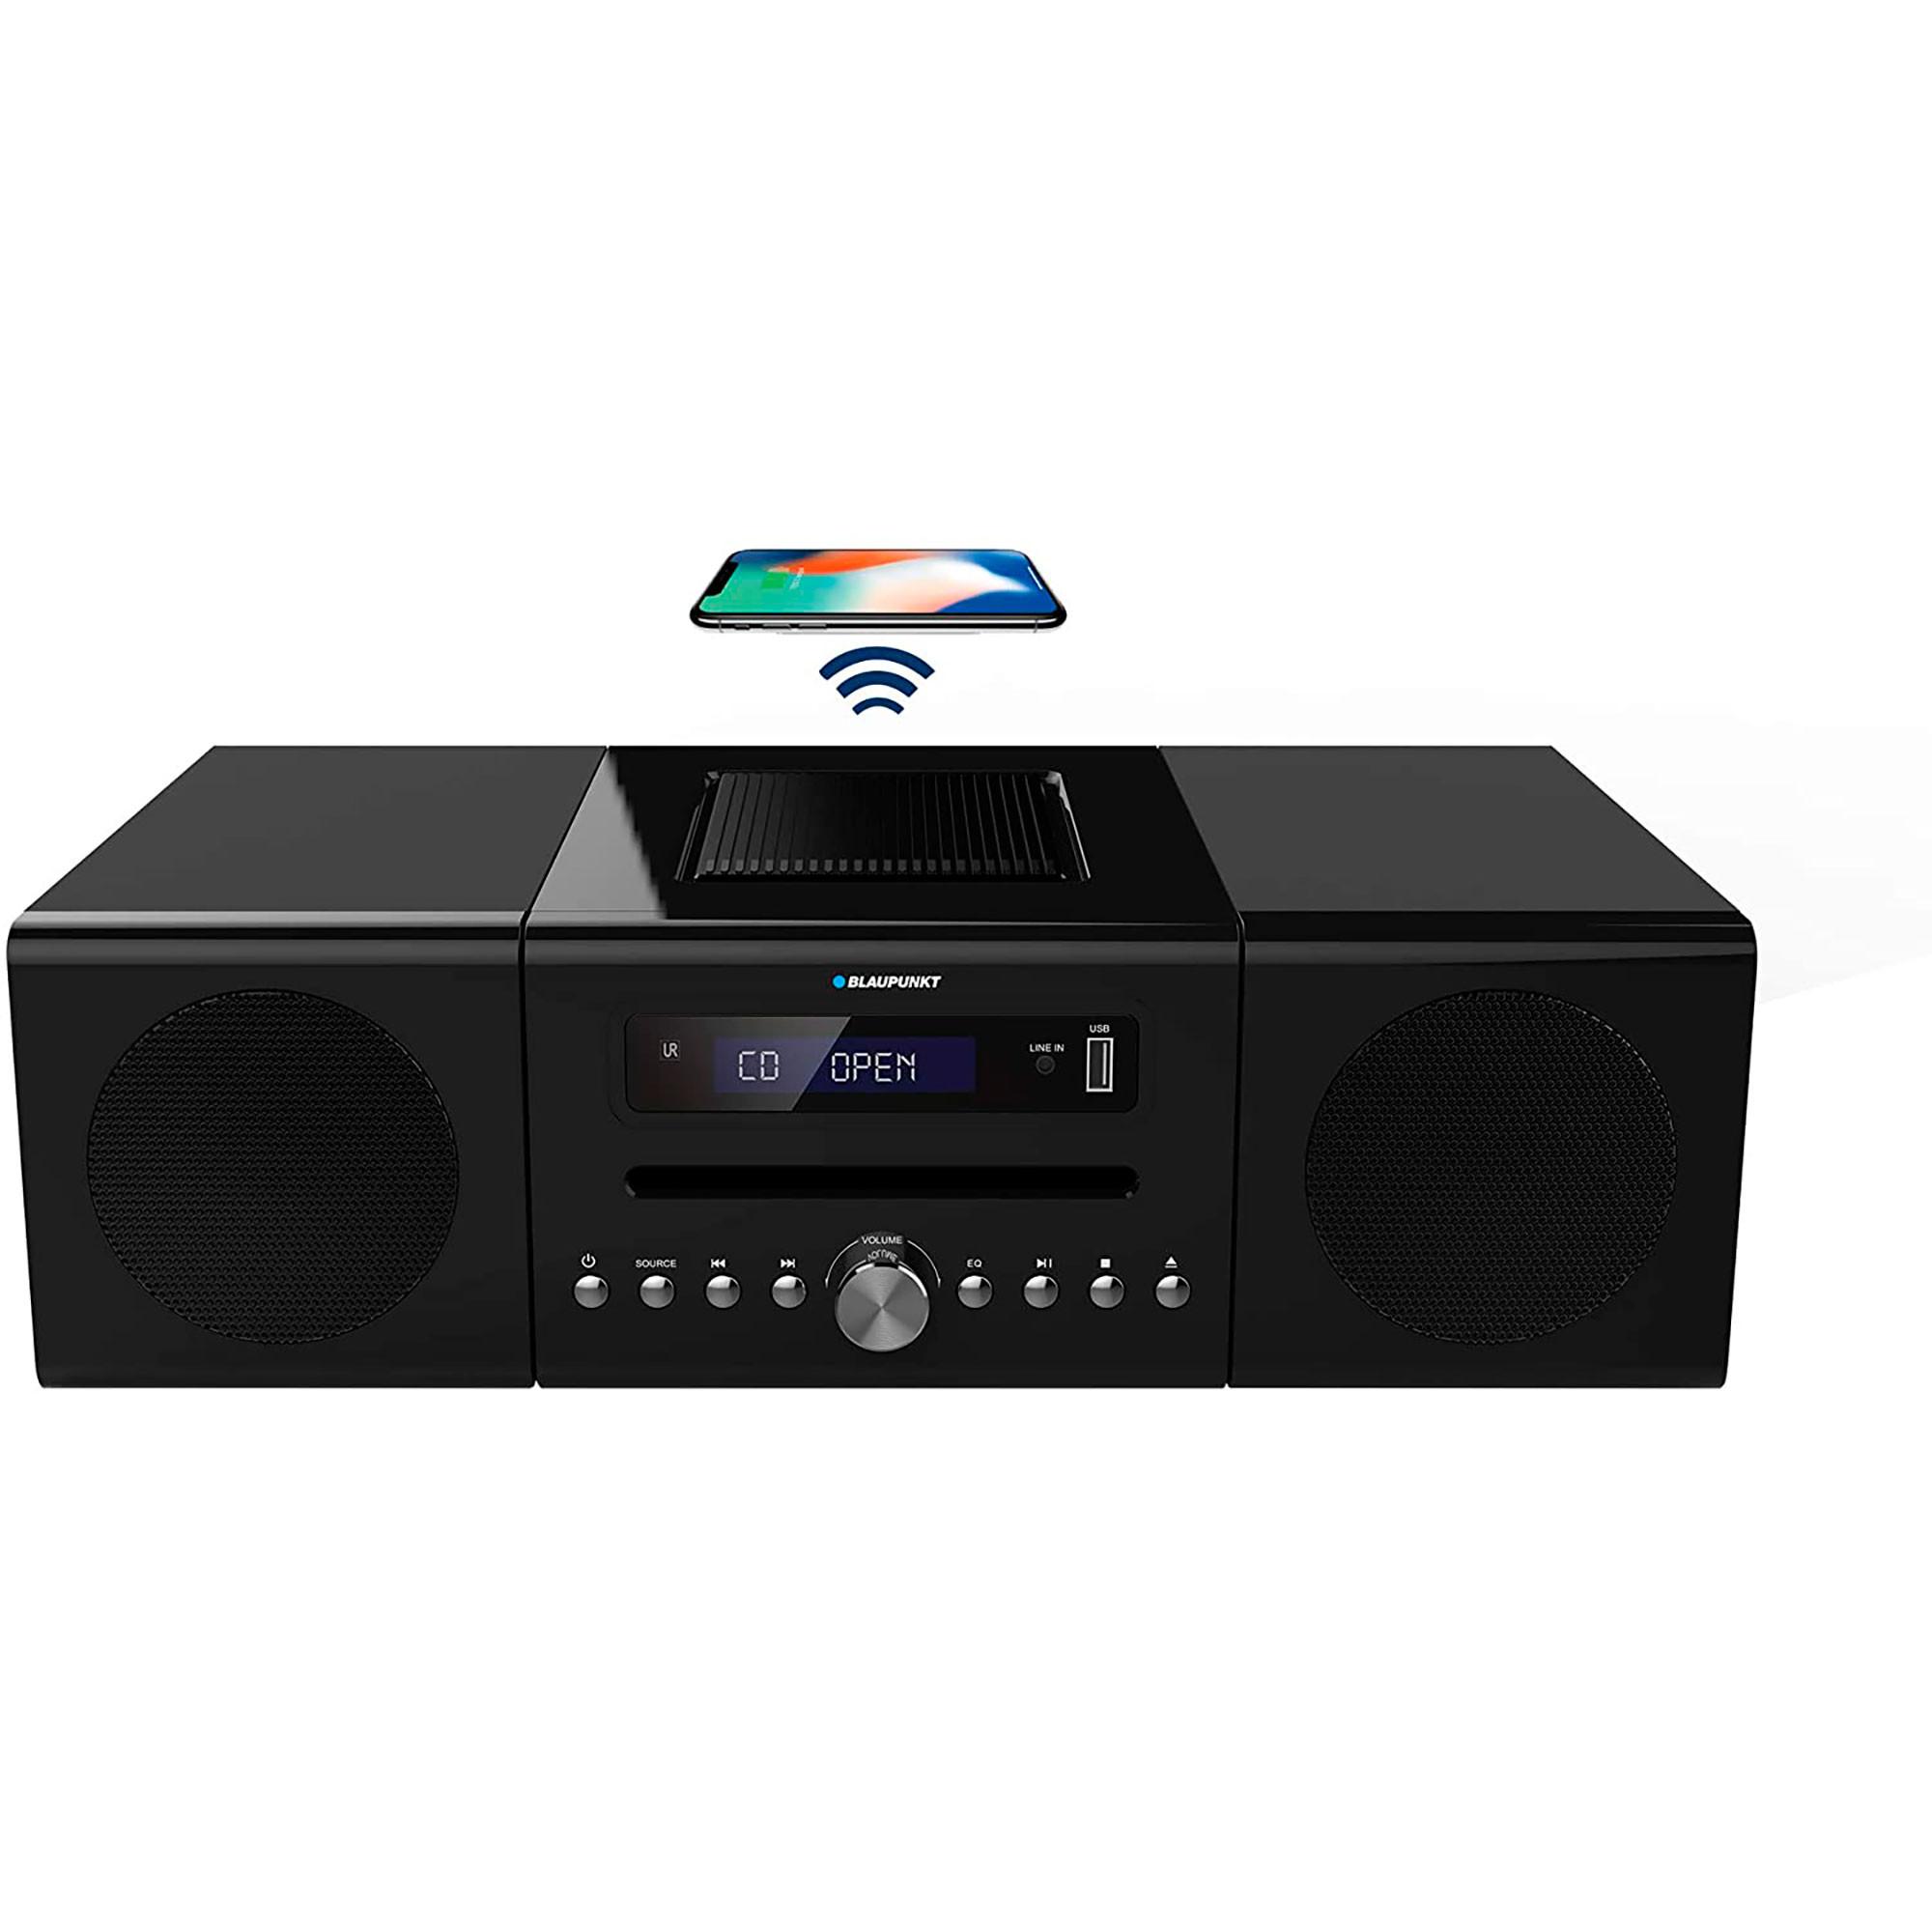 Blaupunkt BLP8800 Mini Cadena, Radio FM, Reproductor CD, Bluetooth, Puerto USB y AUX-IN, Base para Cargar Smartphone, Potencia Sonido 40W, Pantalla LCD, Negro